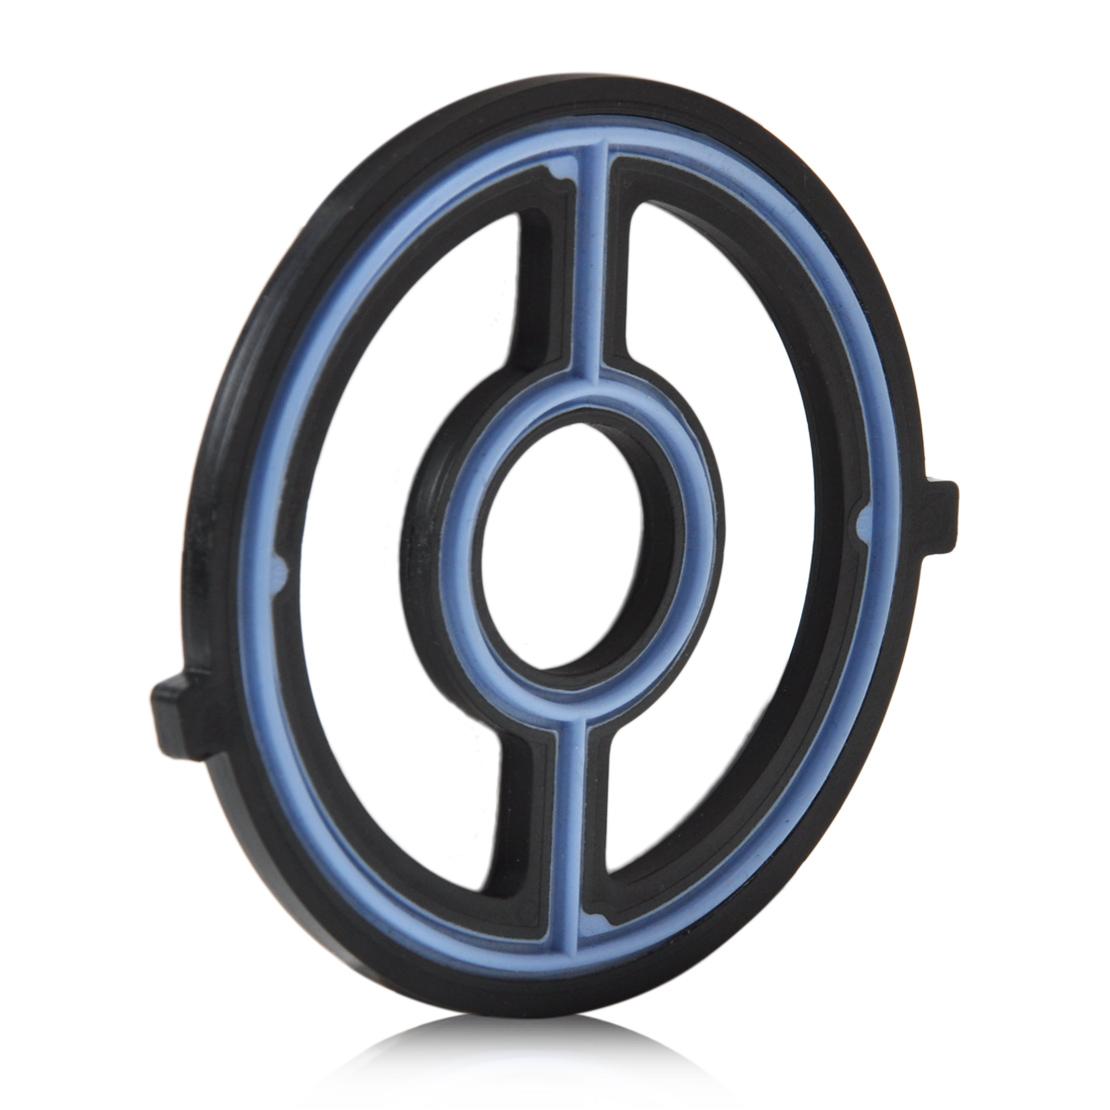 oil cooler gasket seal for mazda 3 speed3 6 speed6 cx 7 2. Black Bedroom Furniture Sets. Home Design Ideas